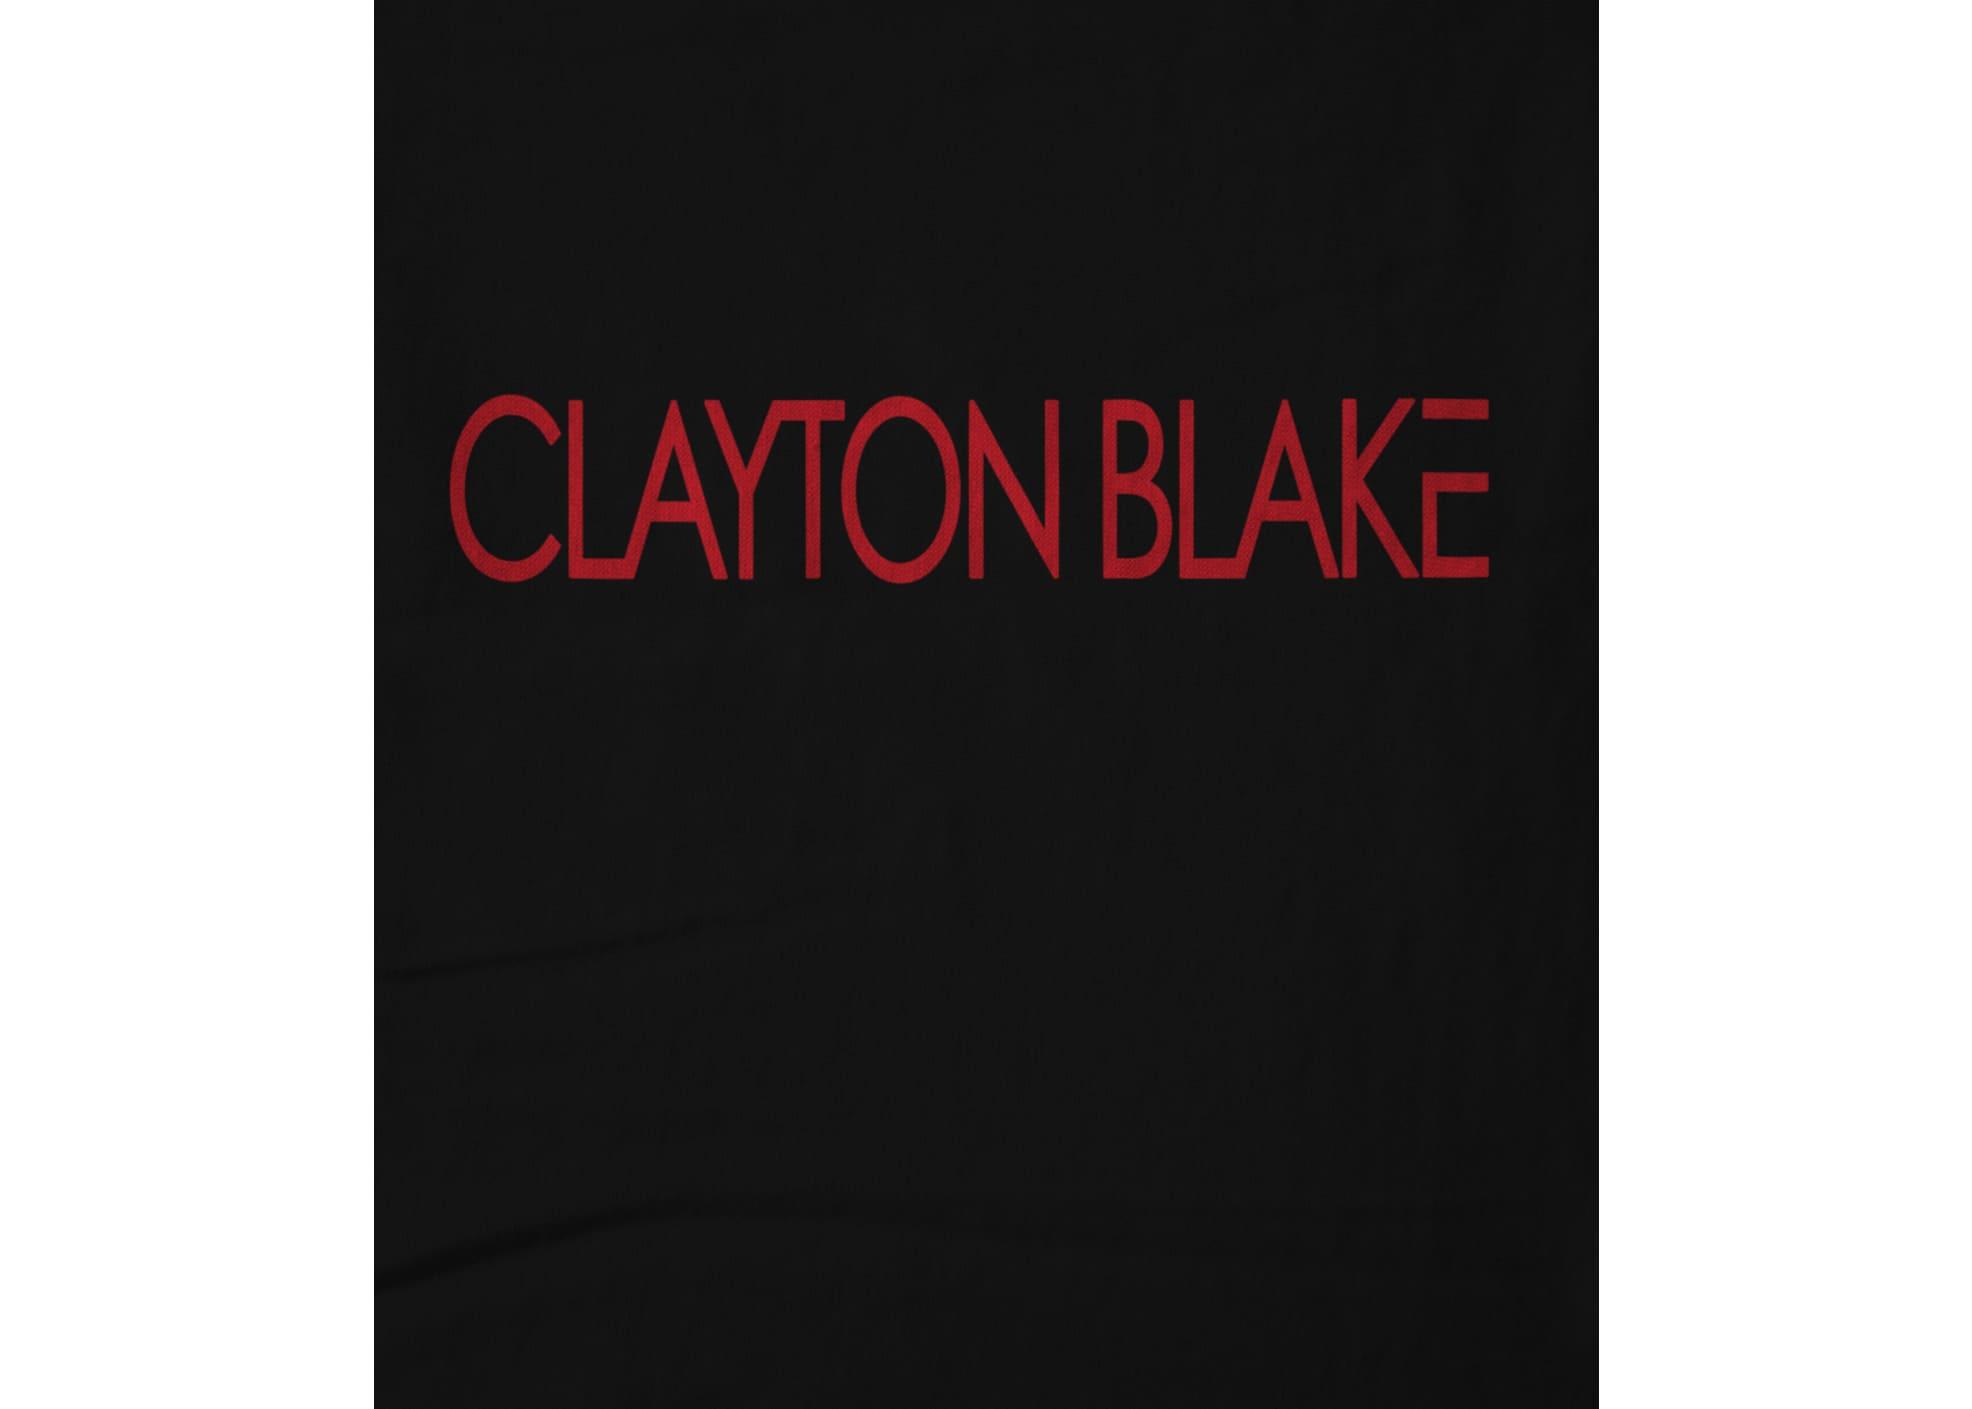 Clayton blake clayton blake official logo 1495340218